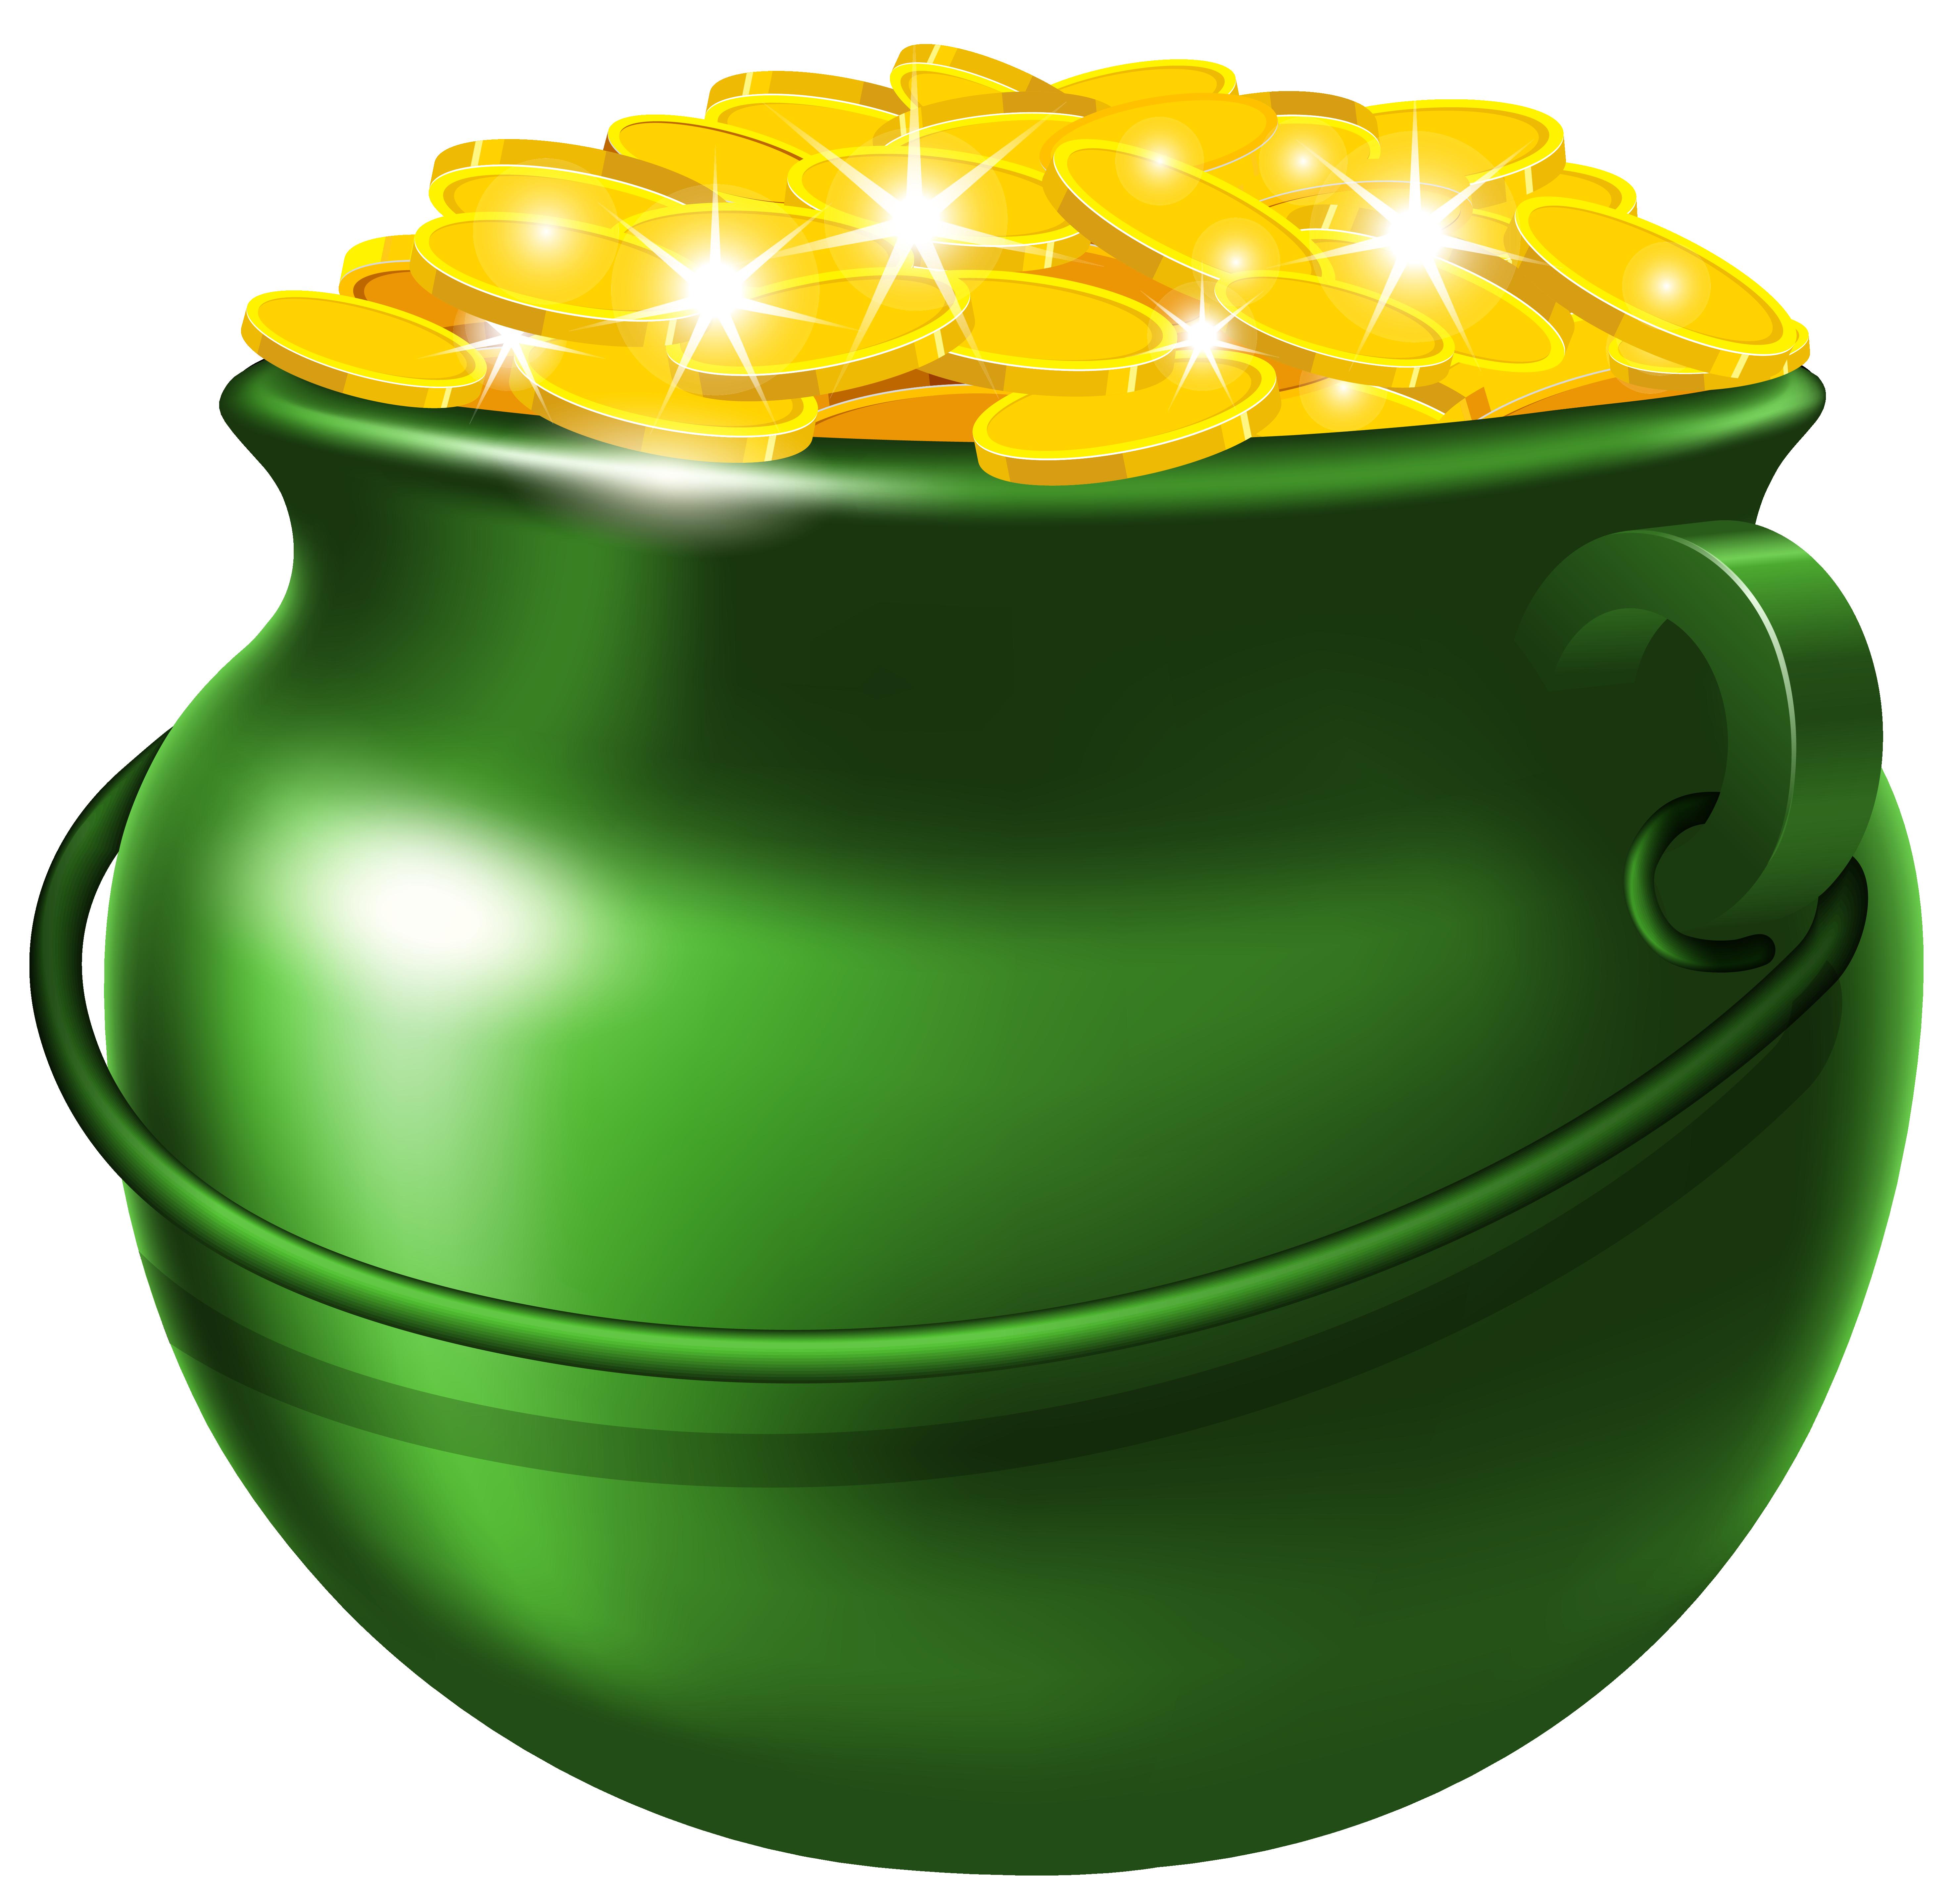 Green pot of gold. Treasure clipart golden